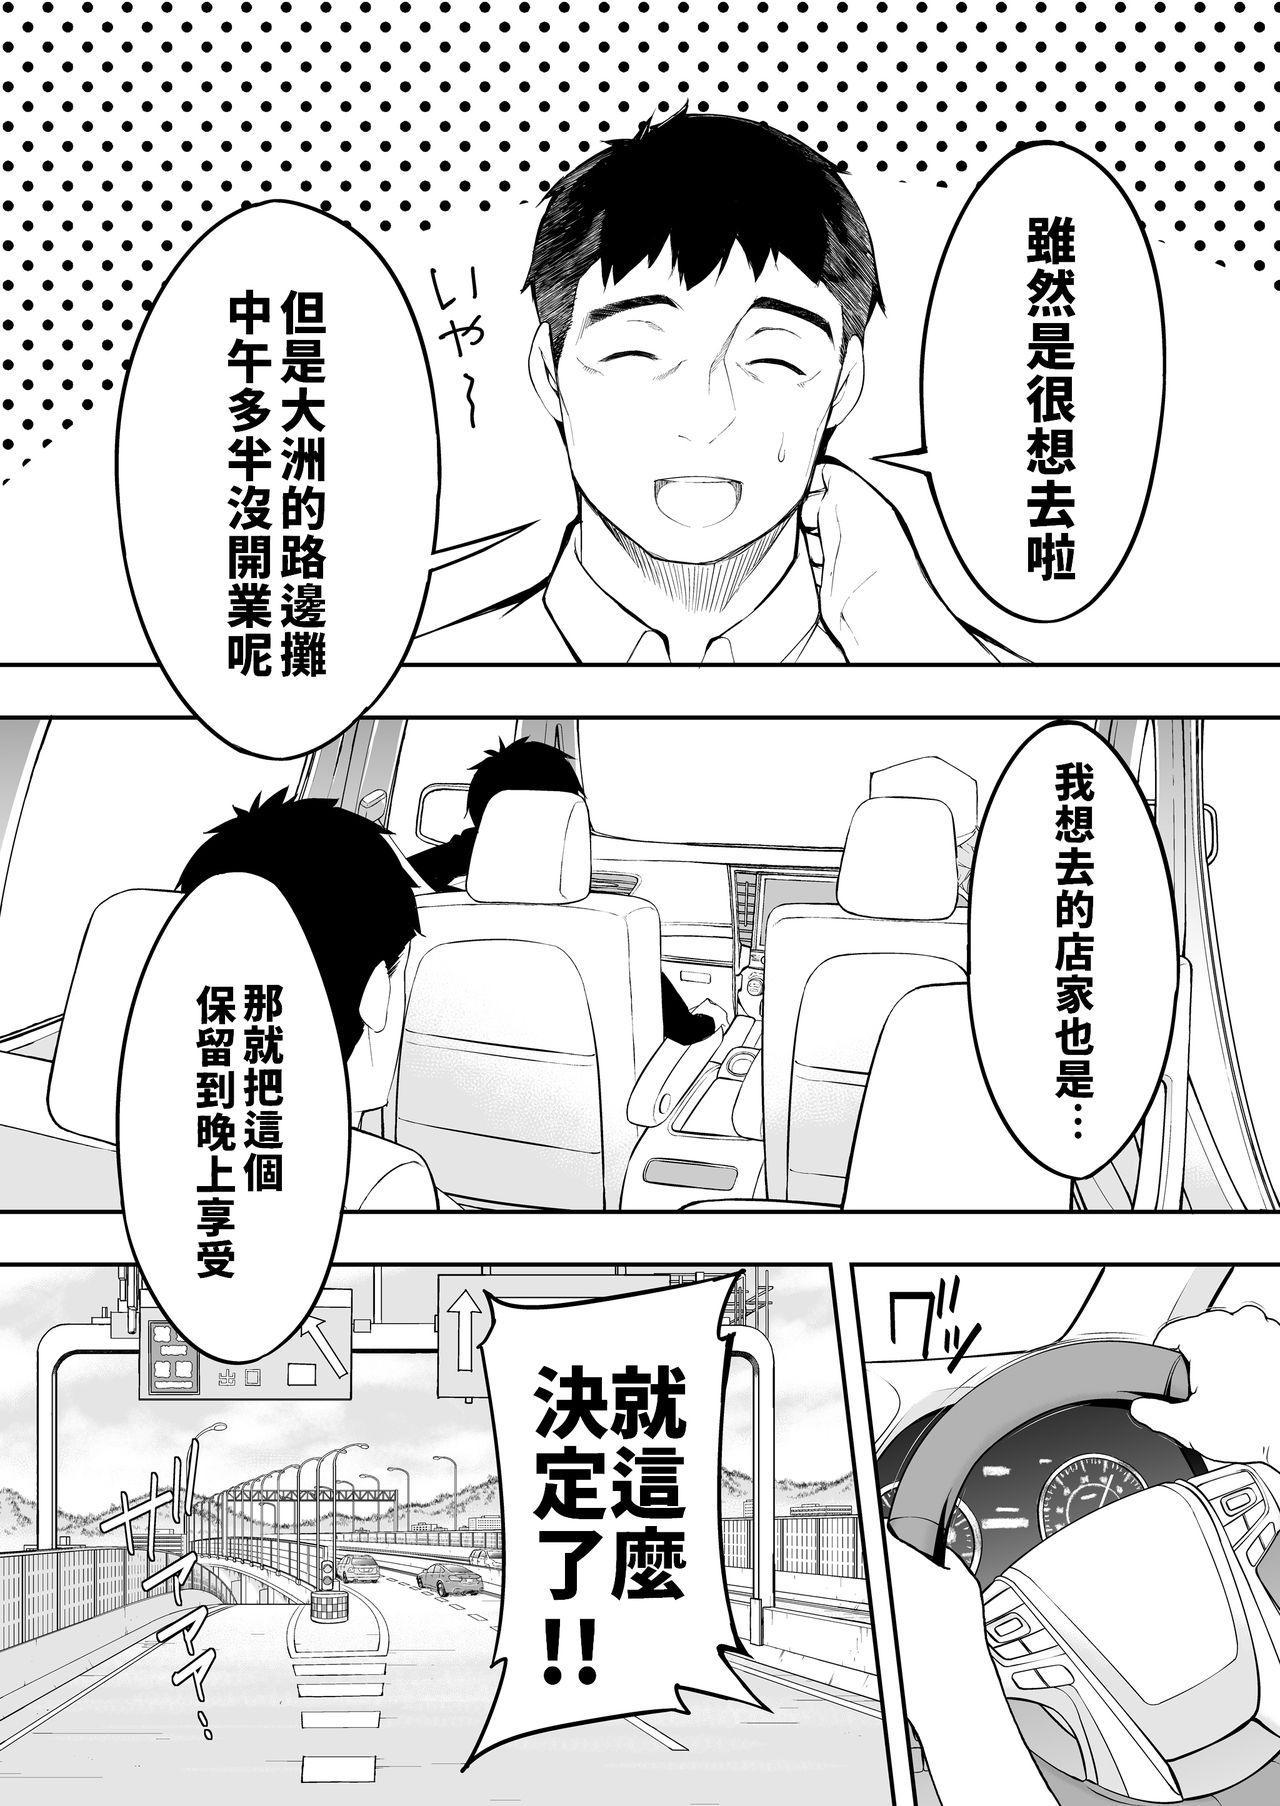 Panpan Travelers Hakata Shuudan Rape Ryokou | 吃飯兼炒飯TRAVELERS~博多集團強●旅行 8